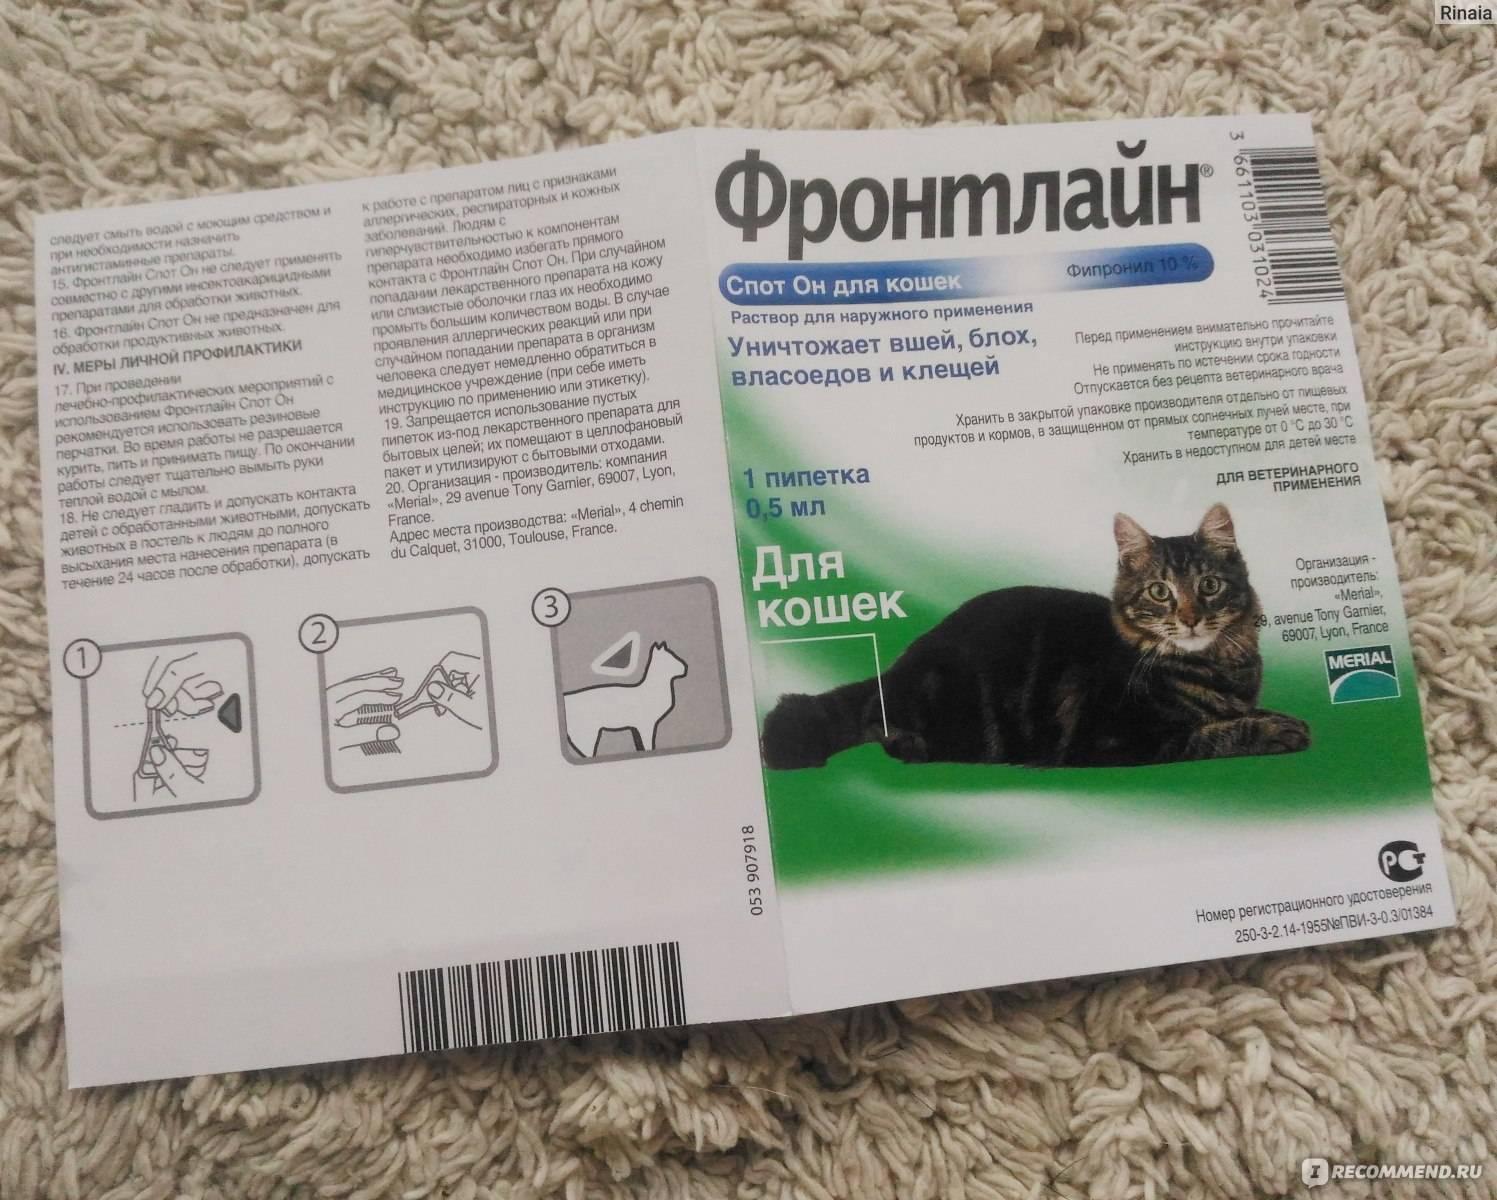 Профендер для кошек: инструкция по применению, отзывы, плюсы и минусы средства